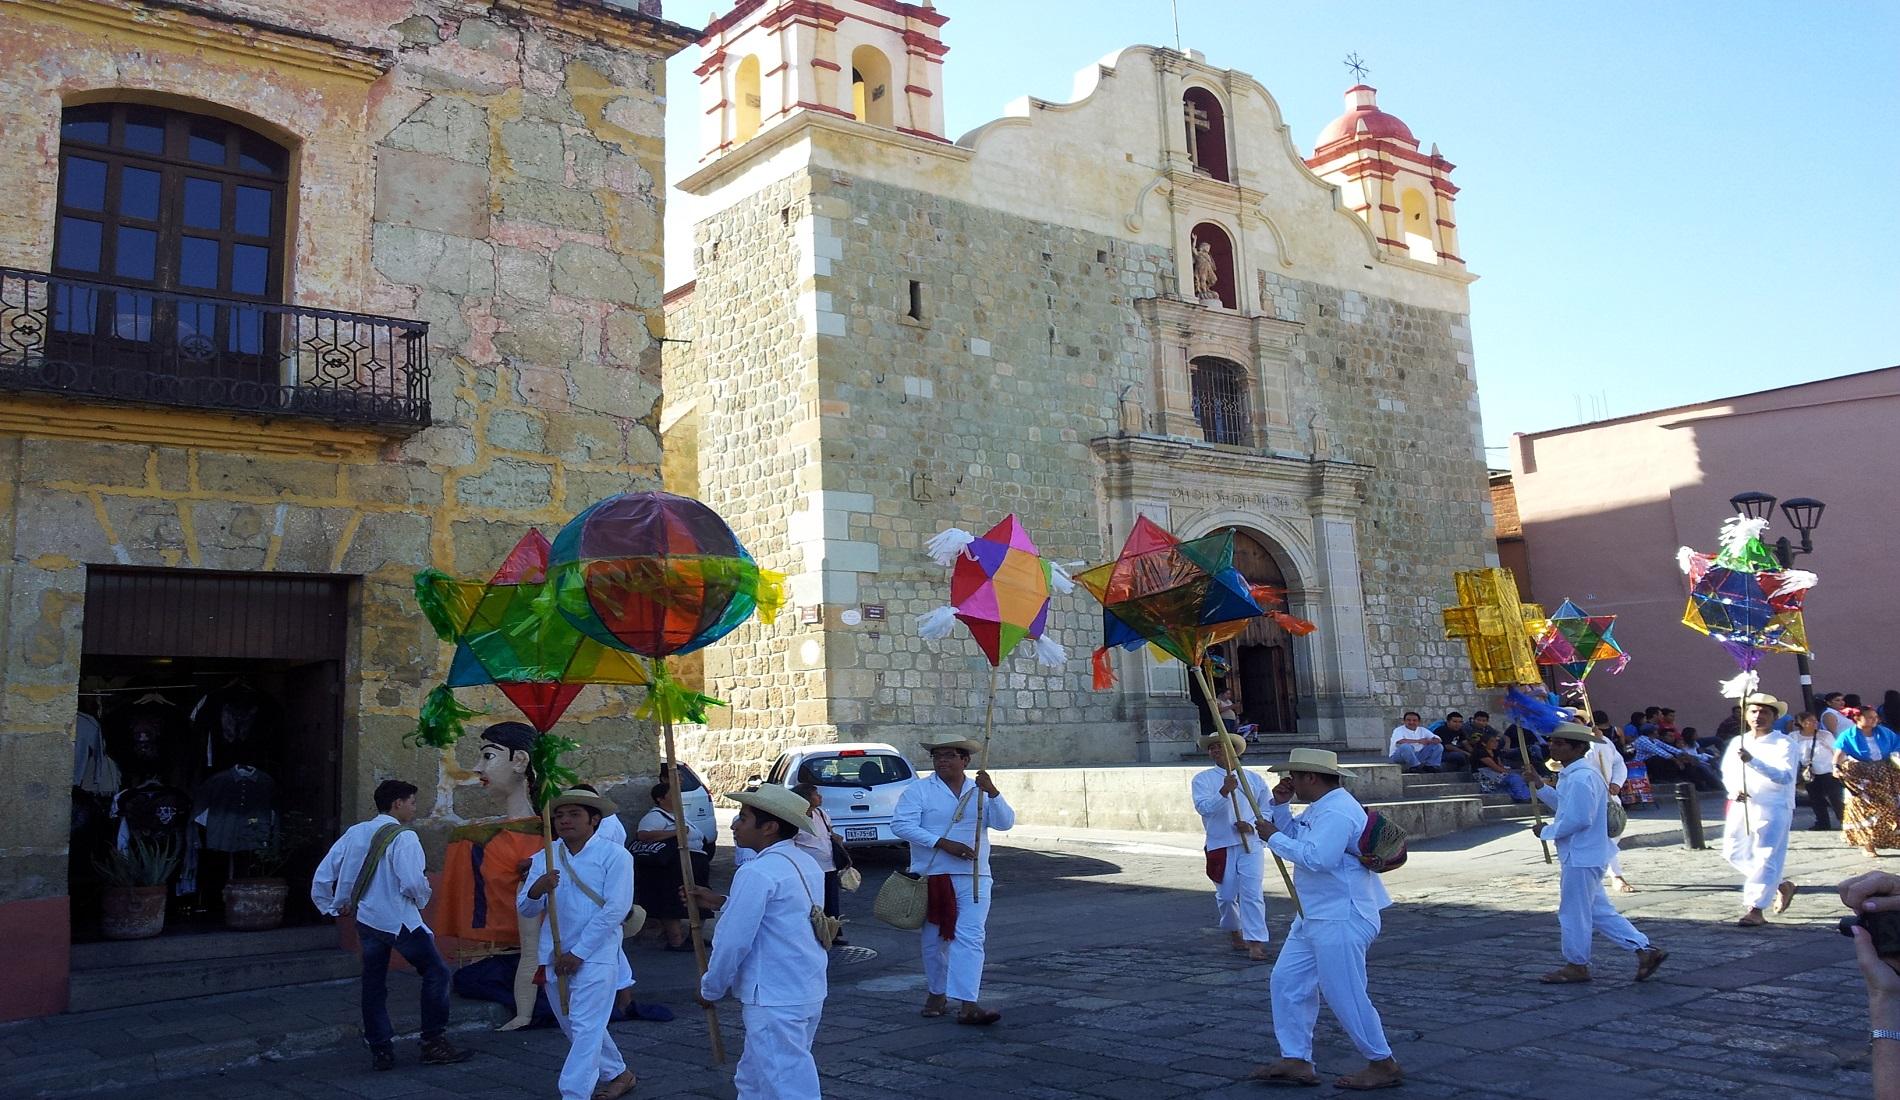 oaxaca stad dansers mexico reizen